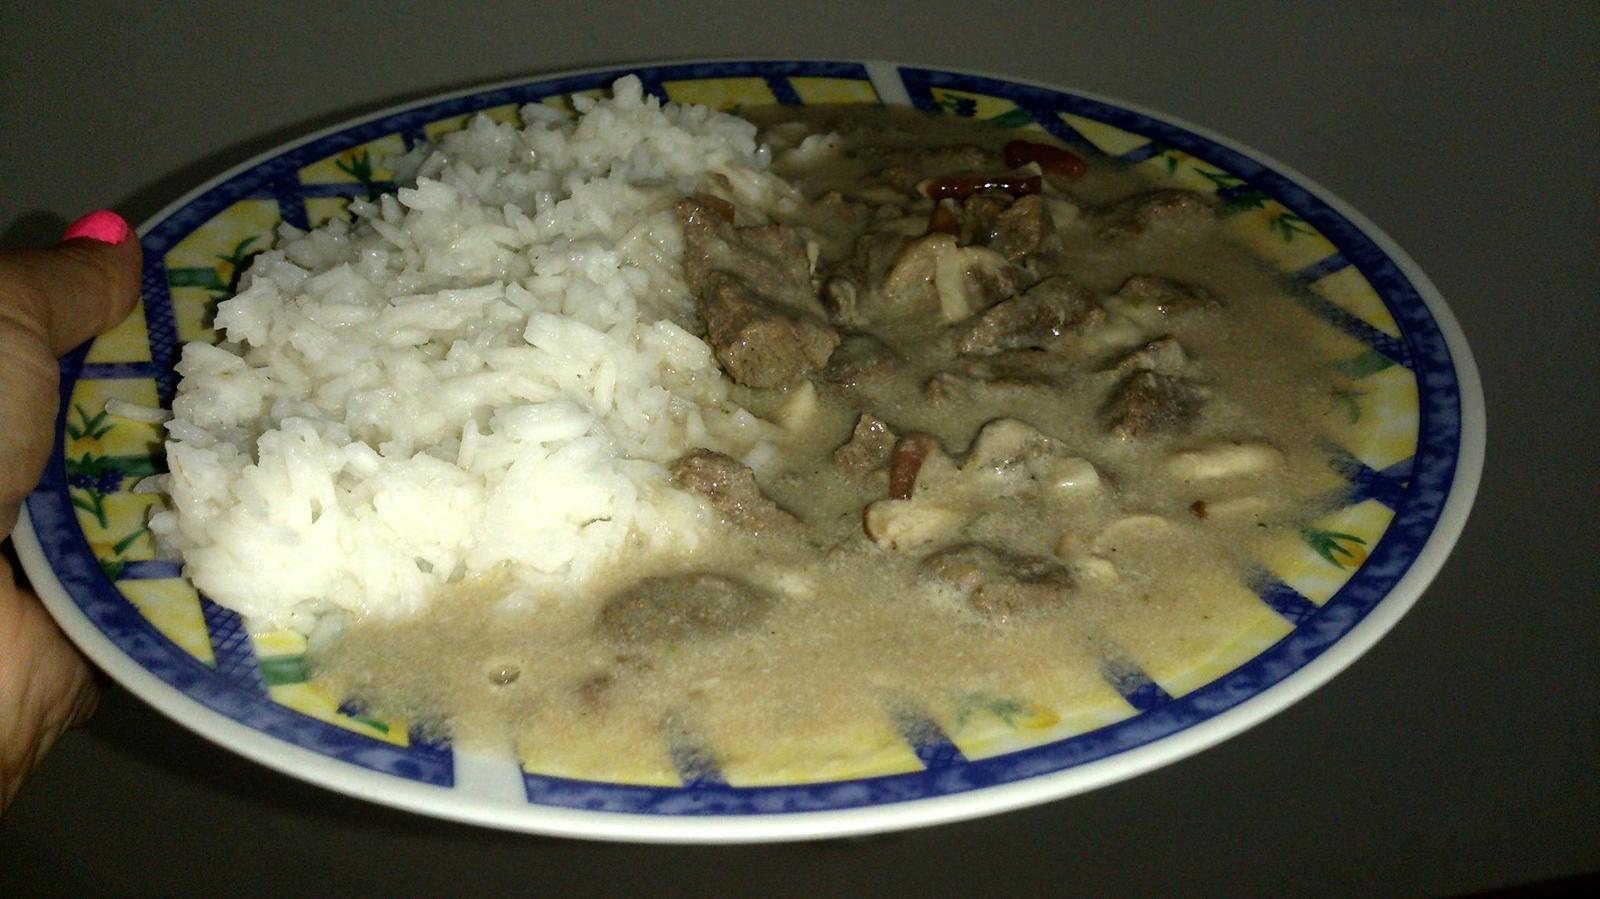 Degustační požitek - jsem poprvé zkoušela hovězí na houbách a snědla jsem dva tyto talíře :-D